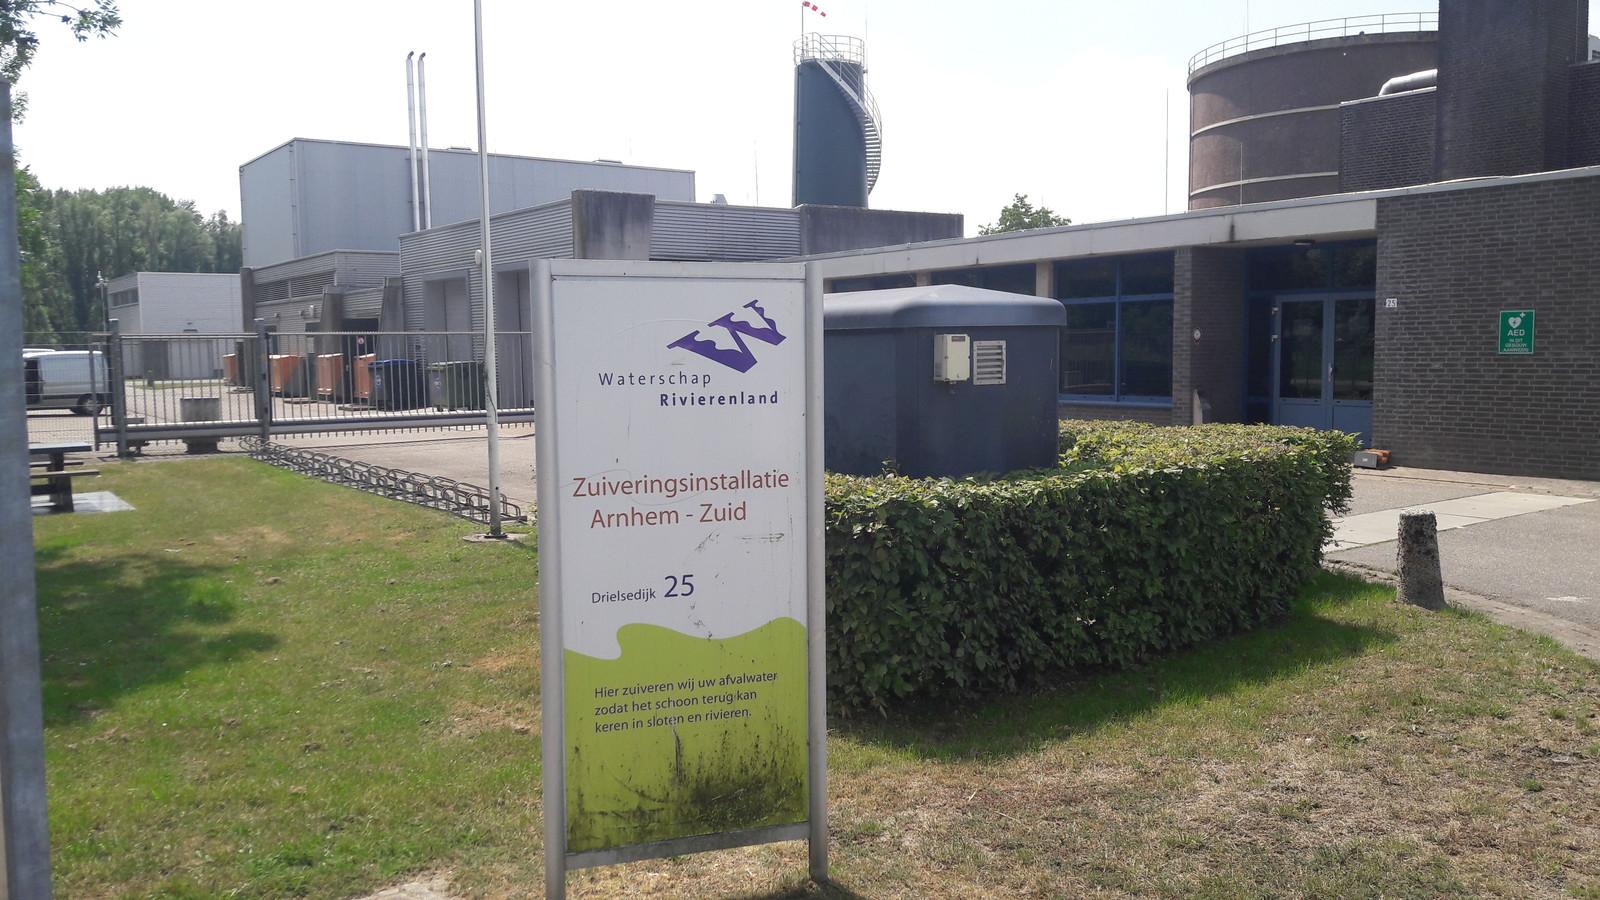 De waterzuivering aan de Drielsedijk in Arnhem-Zuid levert in de toekomst restwarmte waarmee achthonderd huizen in Elderveld-Noord kunnen worden verwarmd.